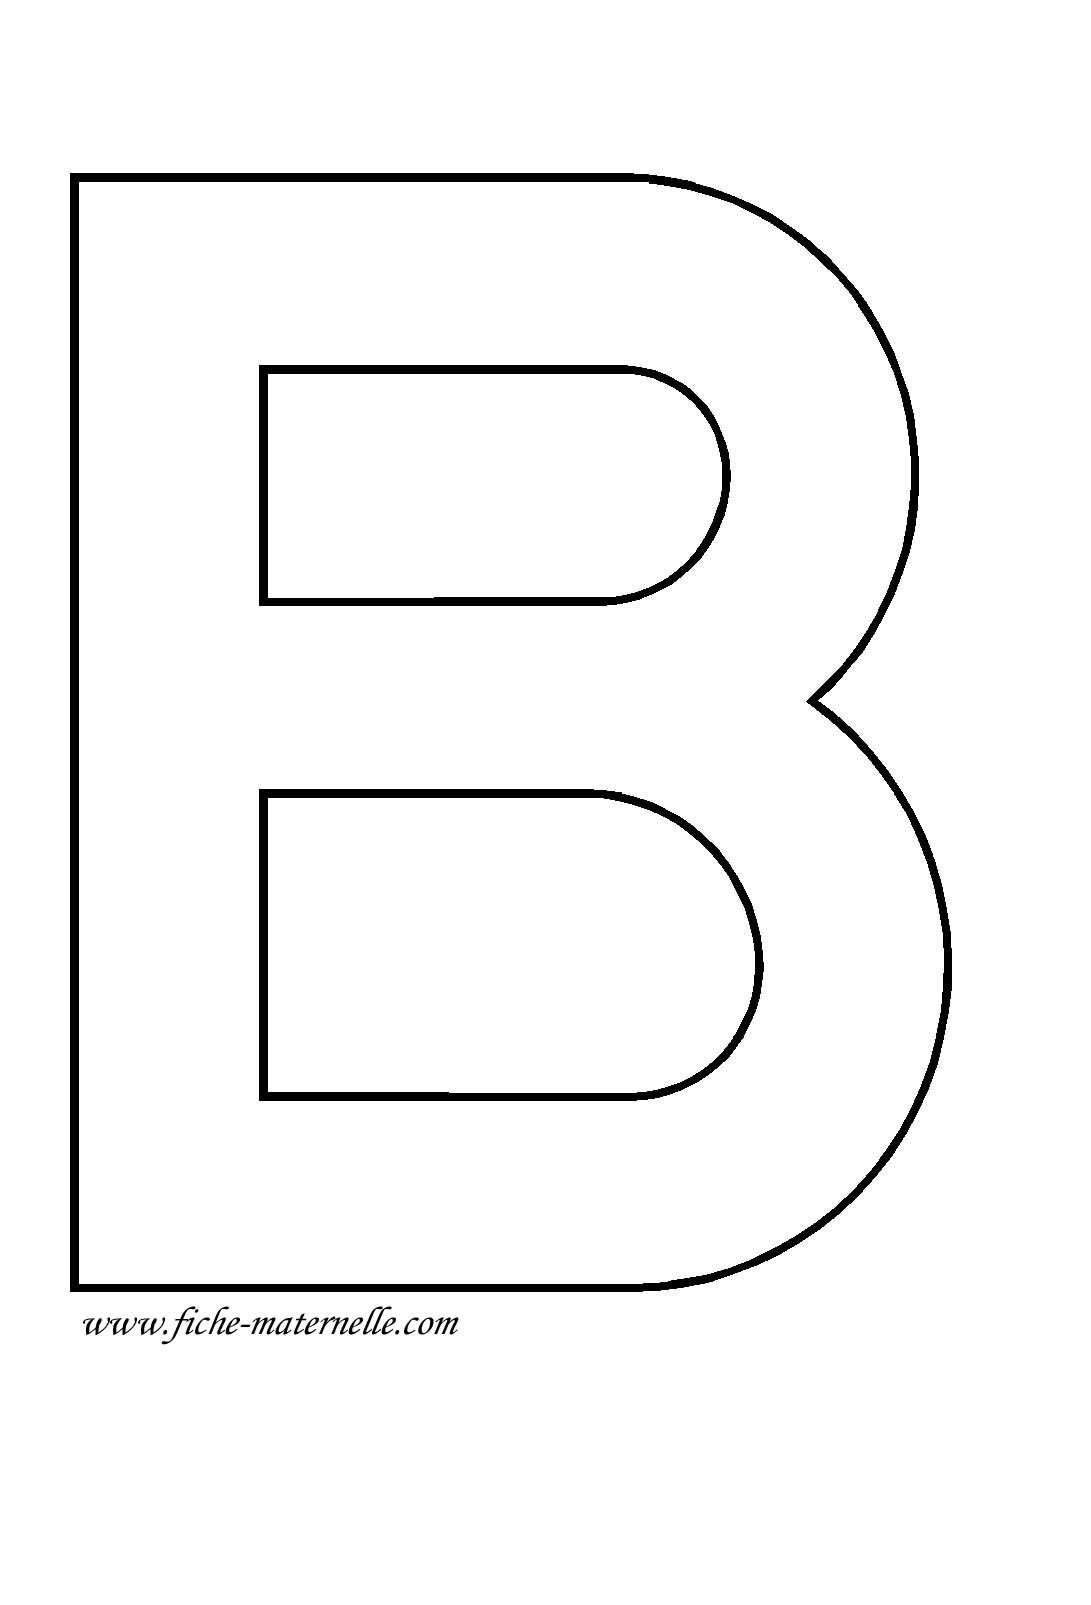 Lettre de l 39 alphabet d corer la lettre capitale b - Lettres a imprimer ...